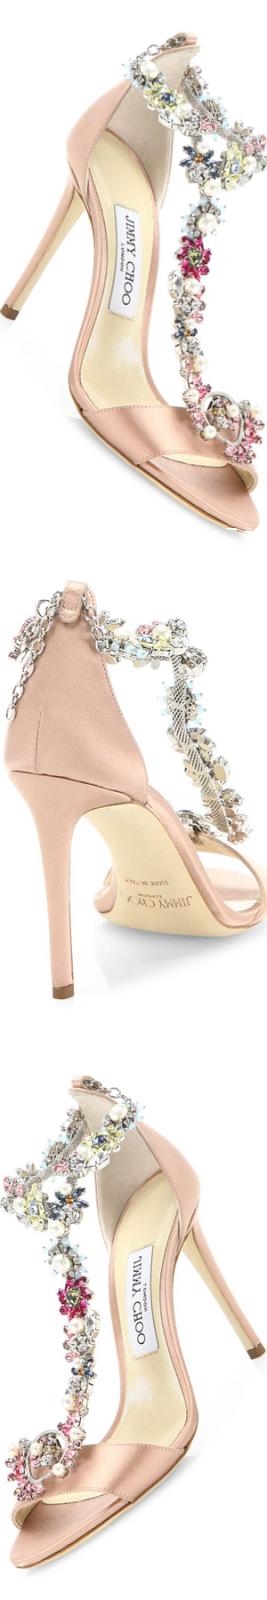 Jimmy Choo Reign 100 Crystal-Embellished Satin T-Strap Sandals